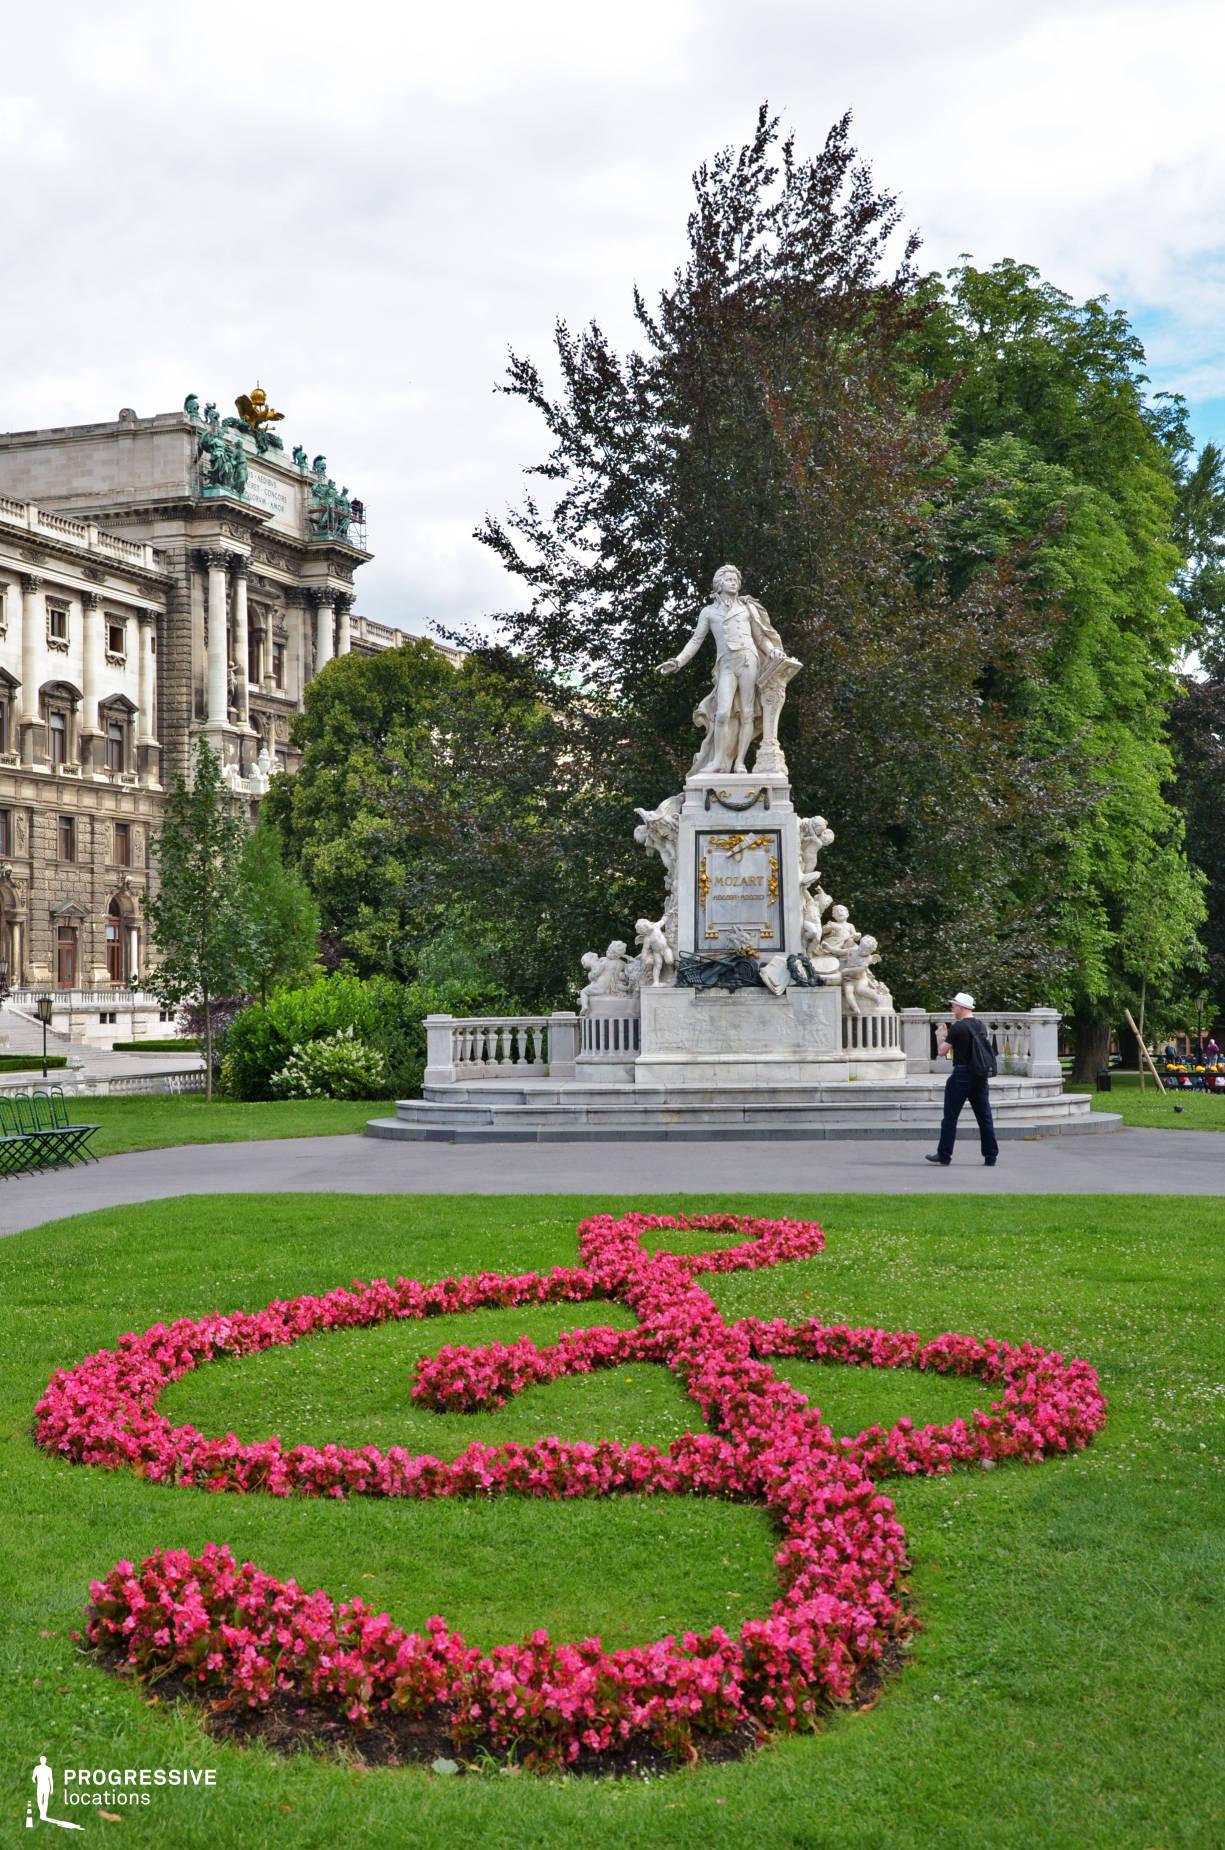 Locations in Austria: Mozart Statue, Burggarten